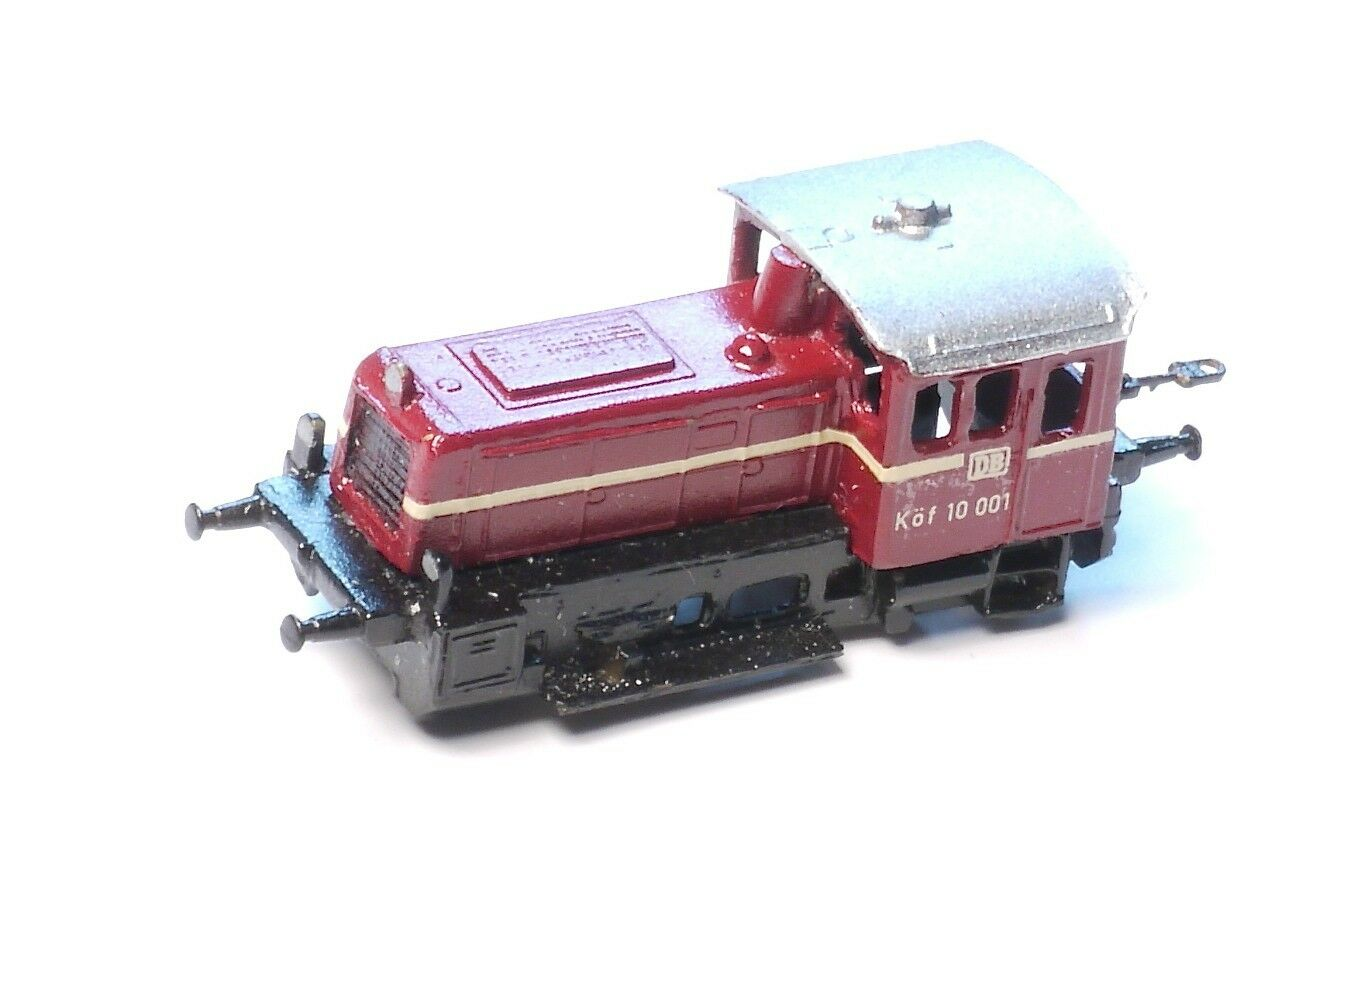 Schmidt 99411 Z-Scale Db- Kof III Loco Mano Integrato Ottone/Molto Rd 10 001